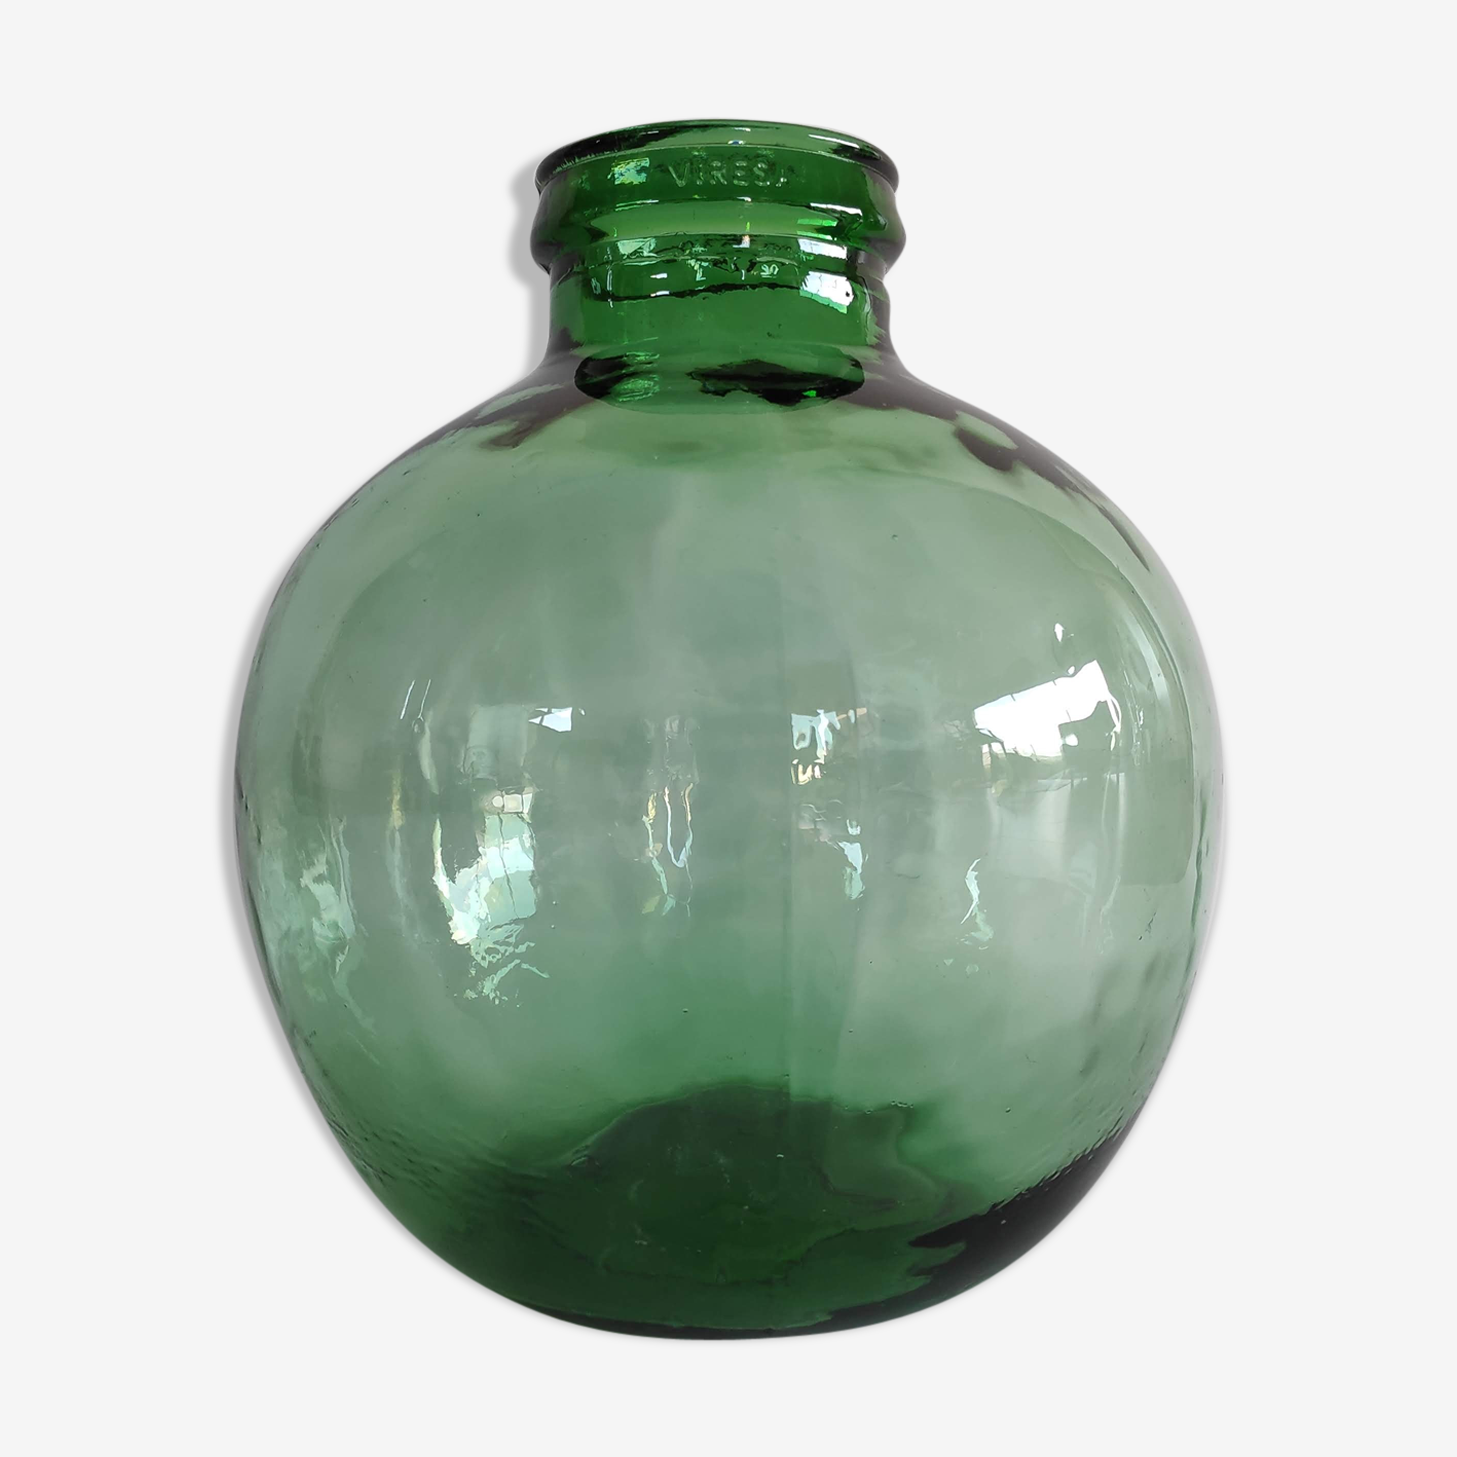 Dame-jeanne Viresa d'environ 20l en verre vert